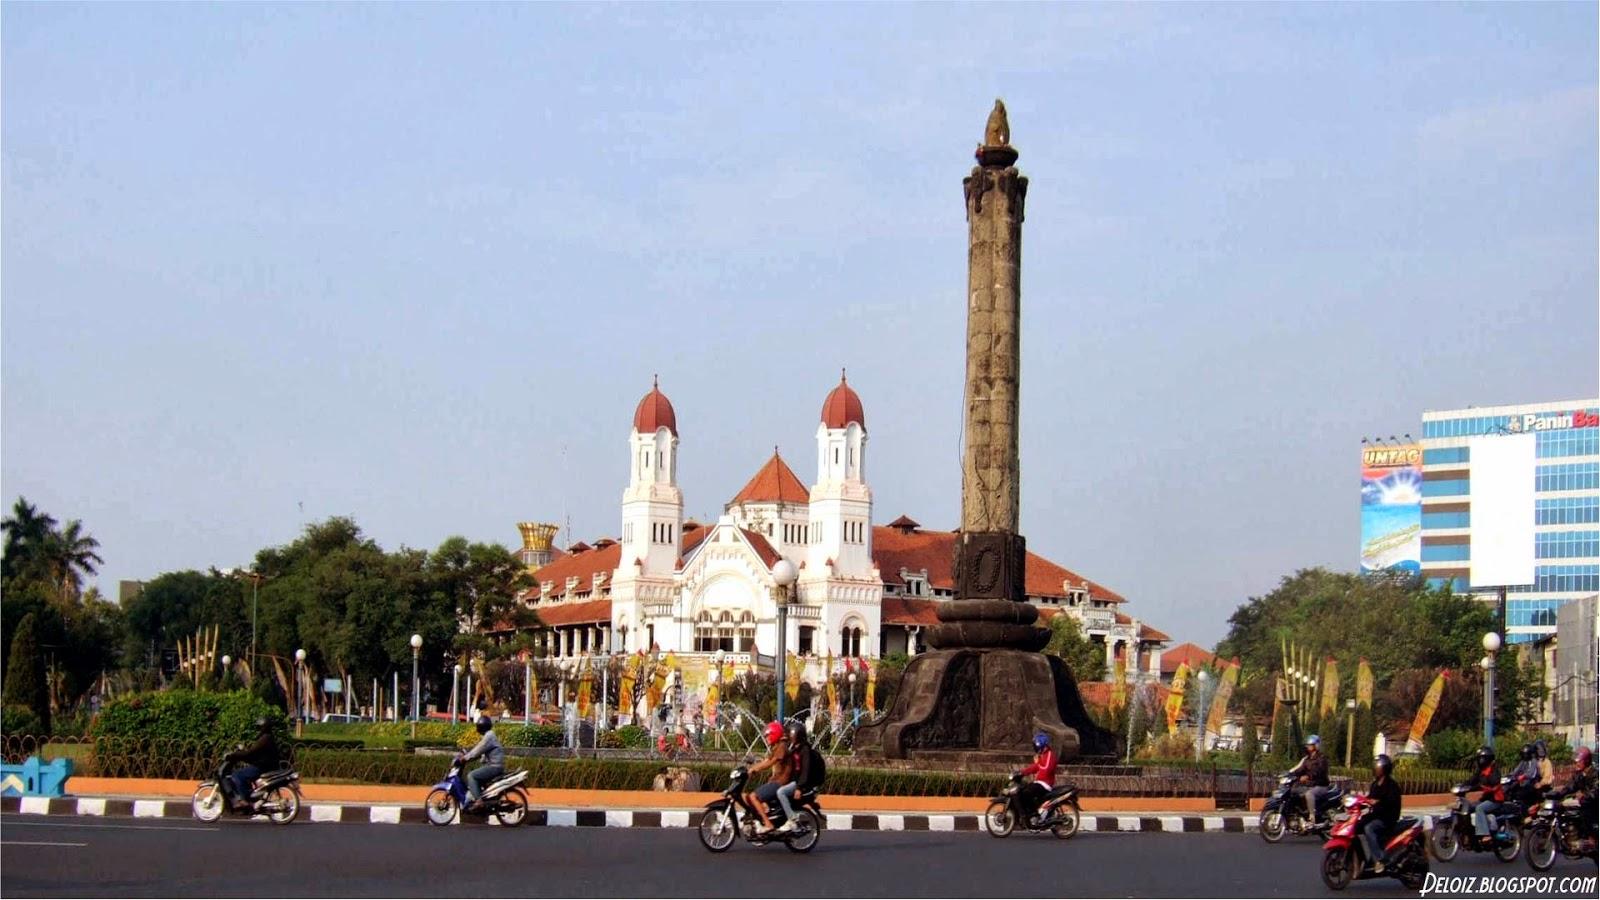 Wallpaper Hd Untuk Laptop 10 Wallpaper Kota Besar Di Indonesia Deloiz Wallpaper